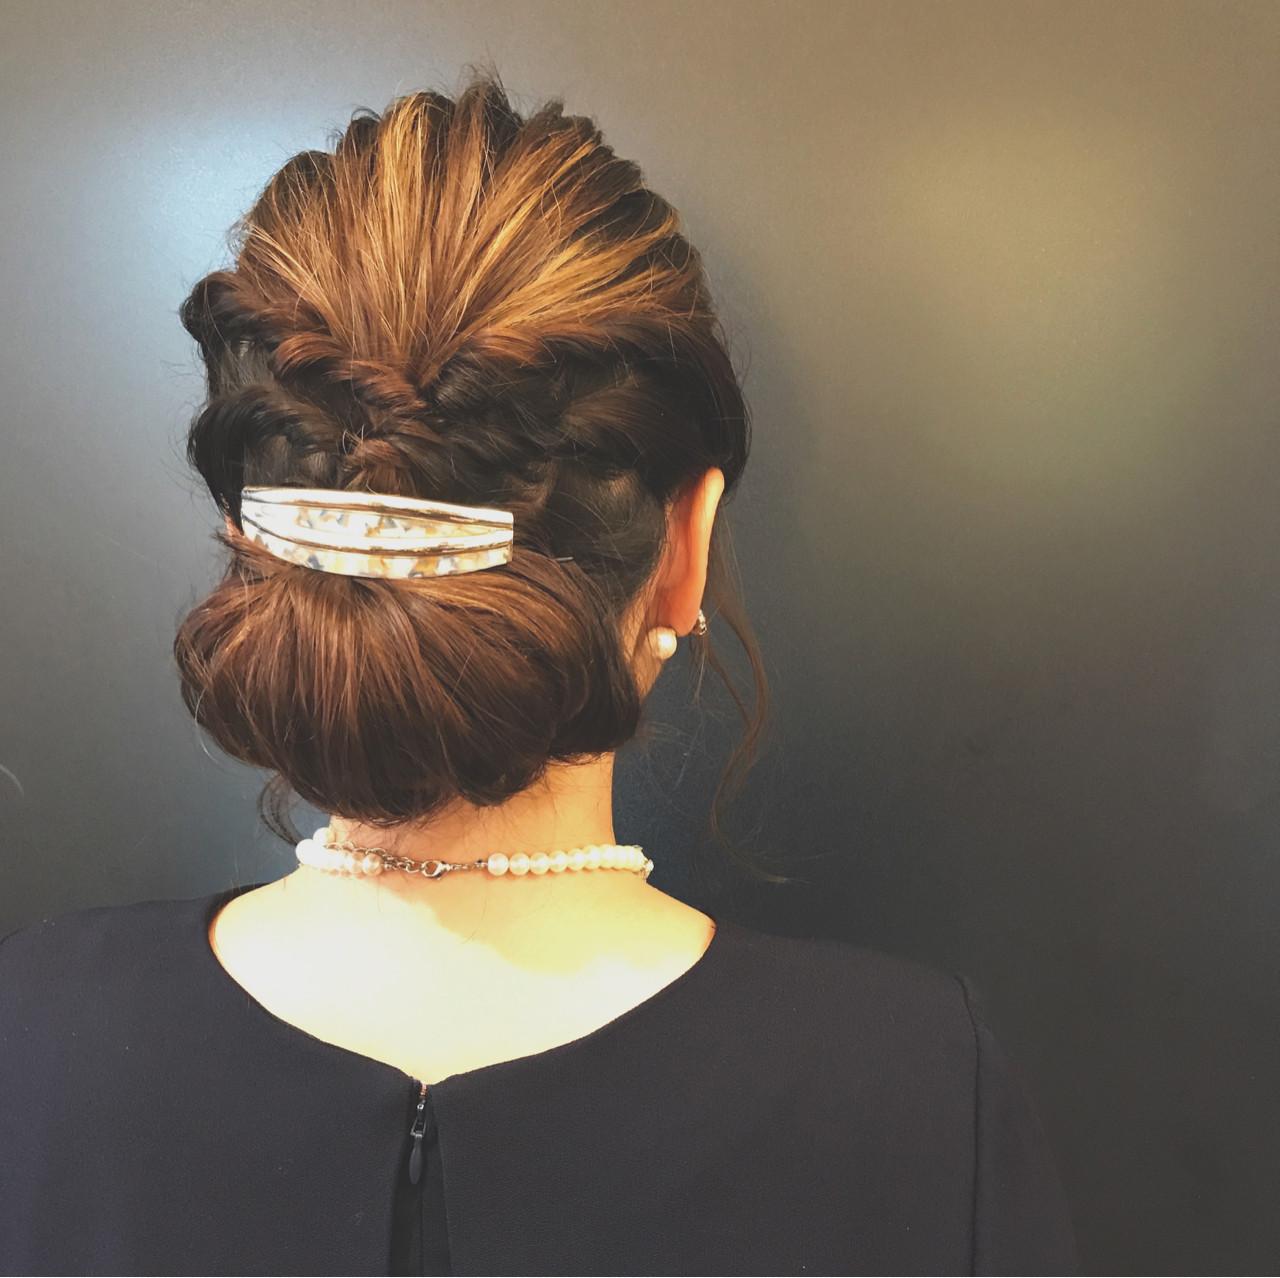 上品で大人な印象のギブソンタック 石井美那 | BERA g hair